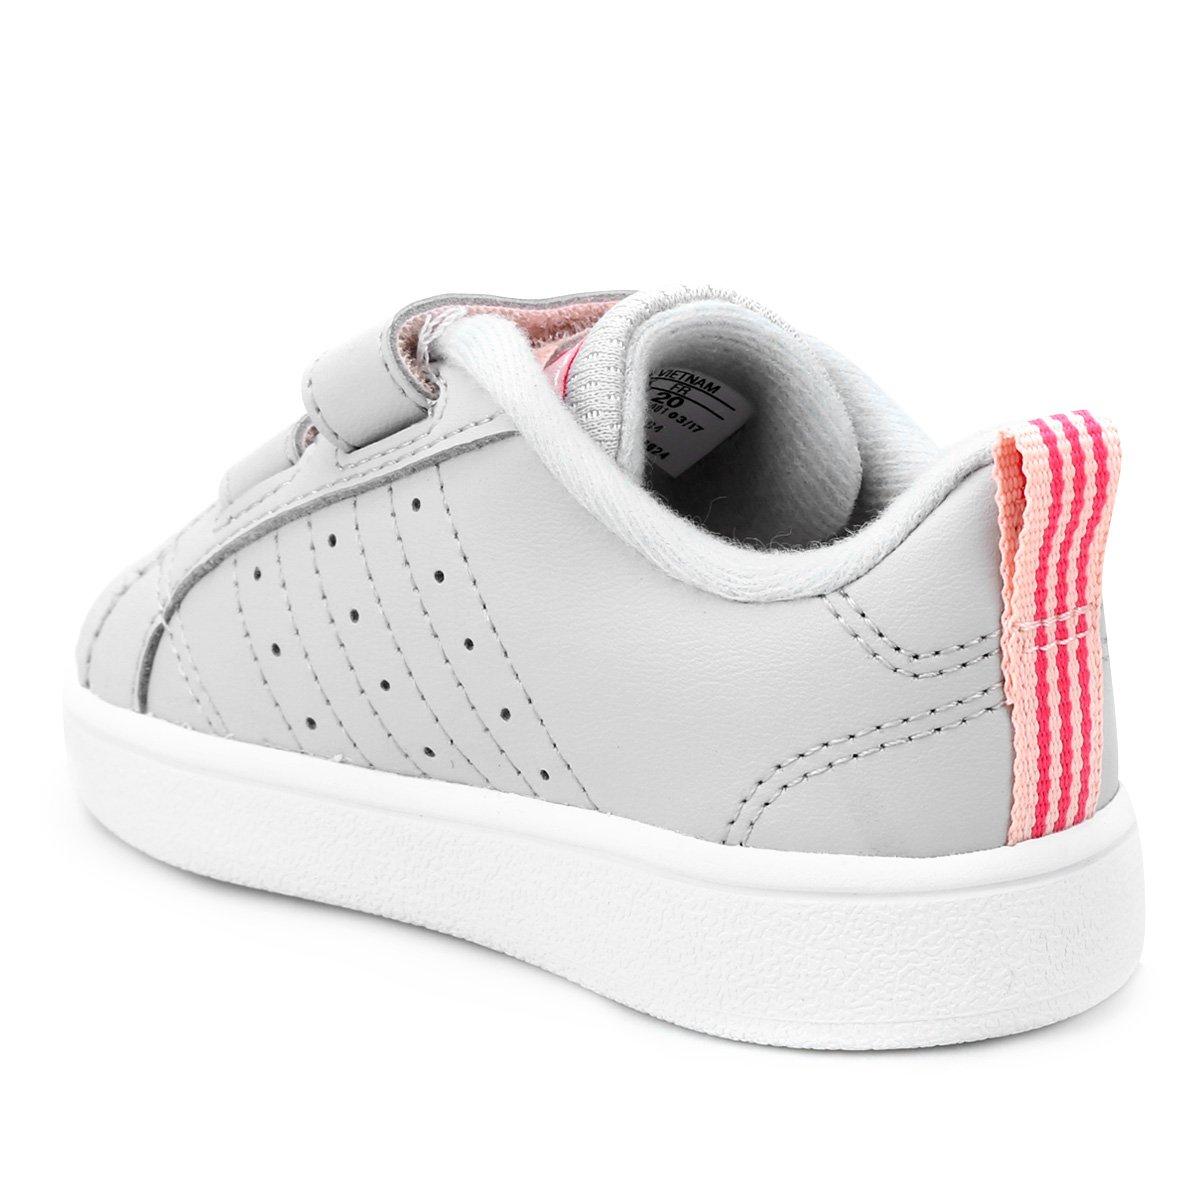 470d99c72d Tênis Infantil Adidas Vs Advantage Cmf - Compre Agora